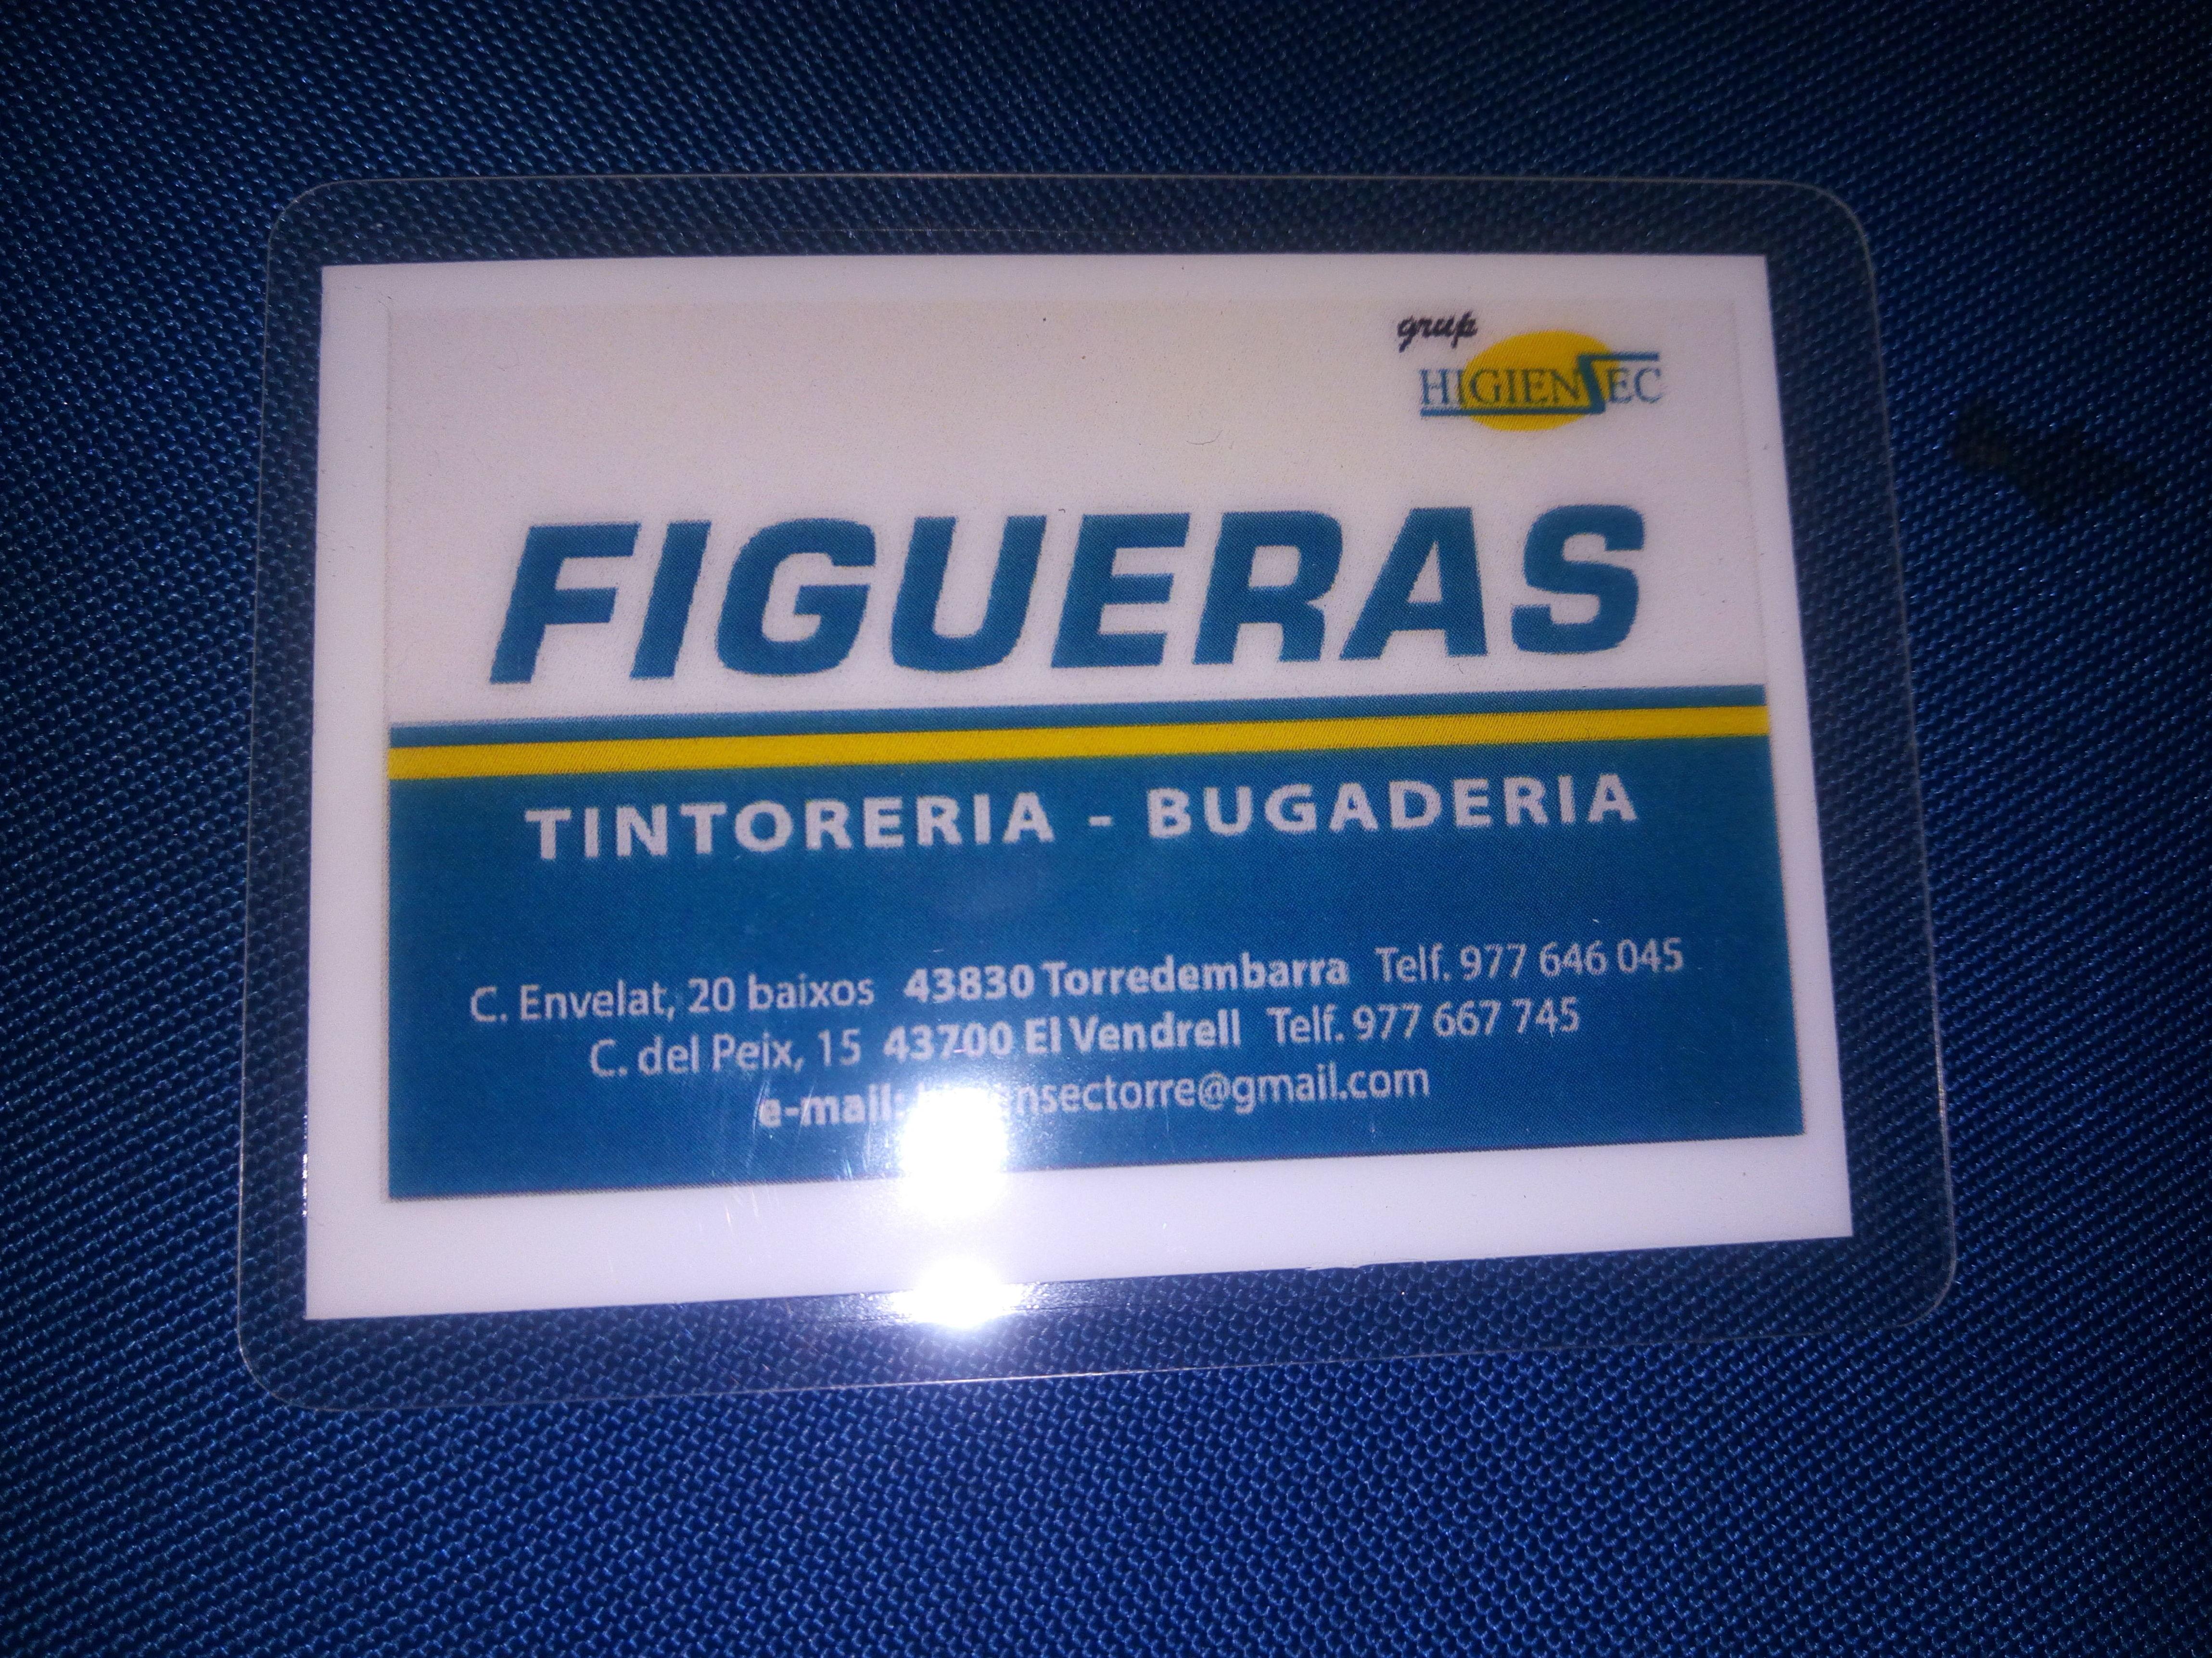 Foto 5 de Tintorerías y lavanderías en Torredembarra | Figueras - Tintoreria-Bugaderia